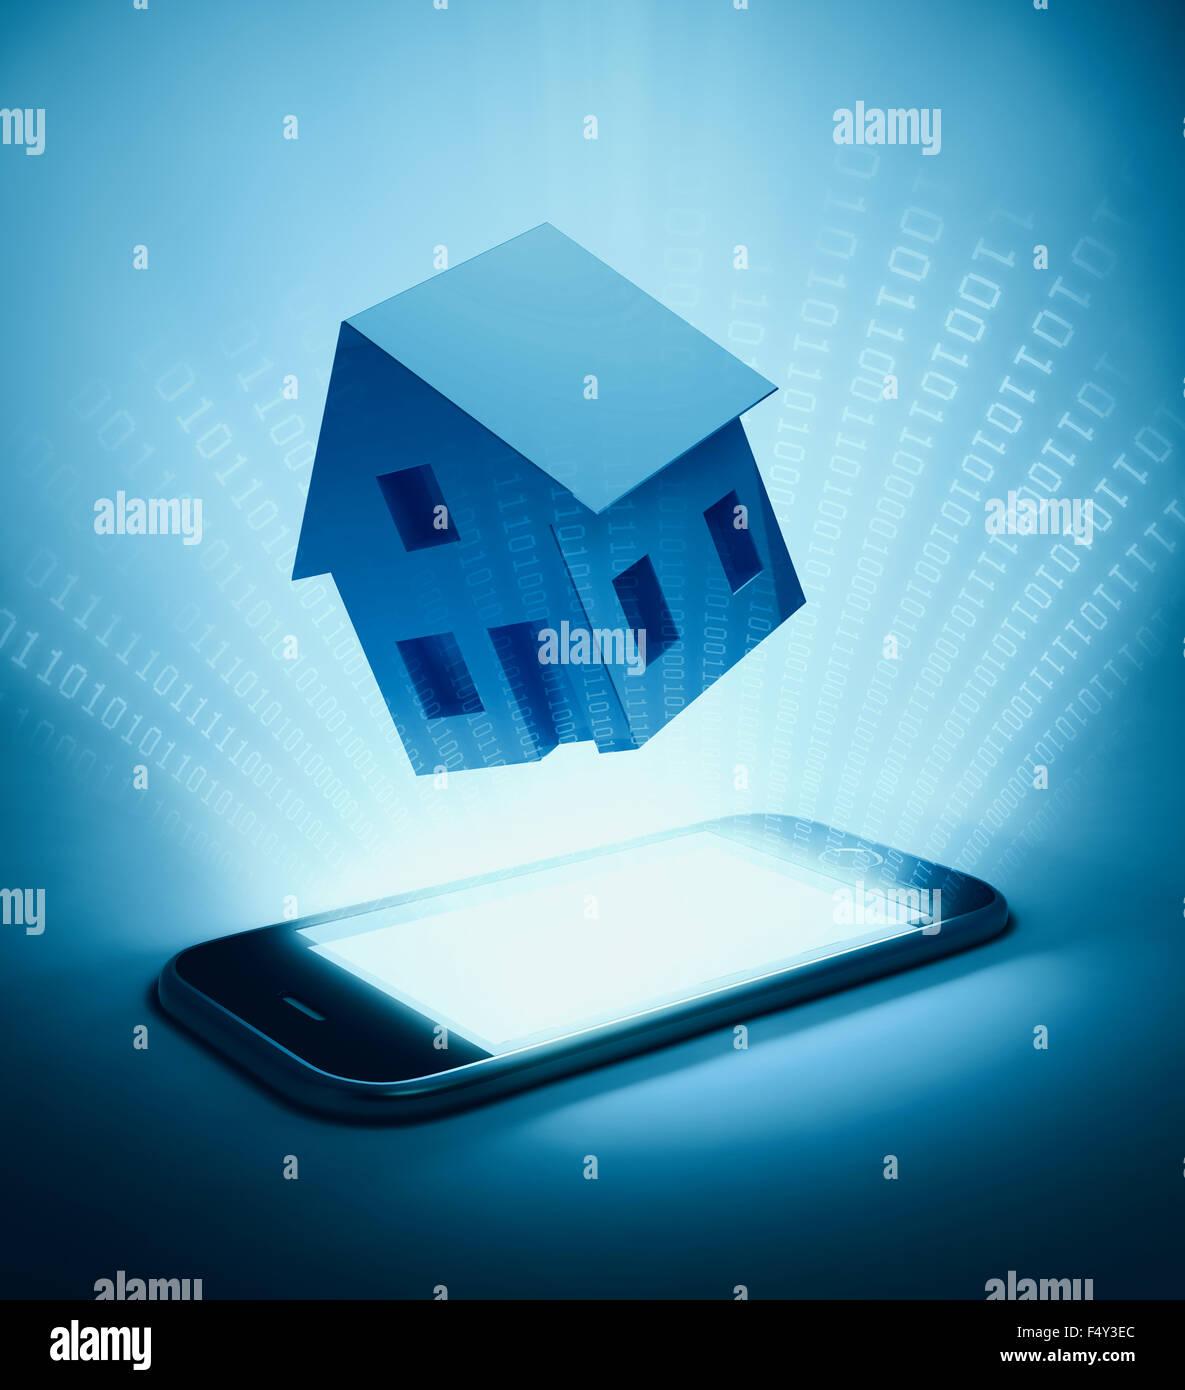 Automatización del hogar - Casa Inteligente concepto de fondo Imagen De Stock